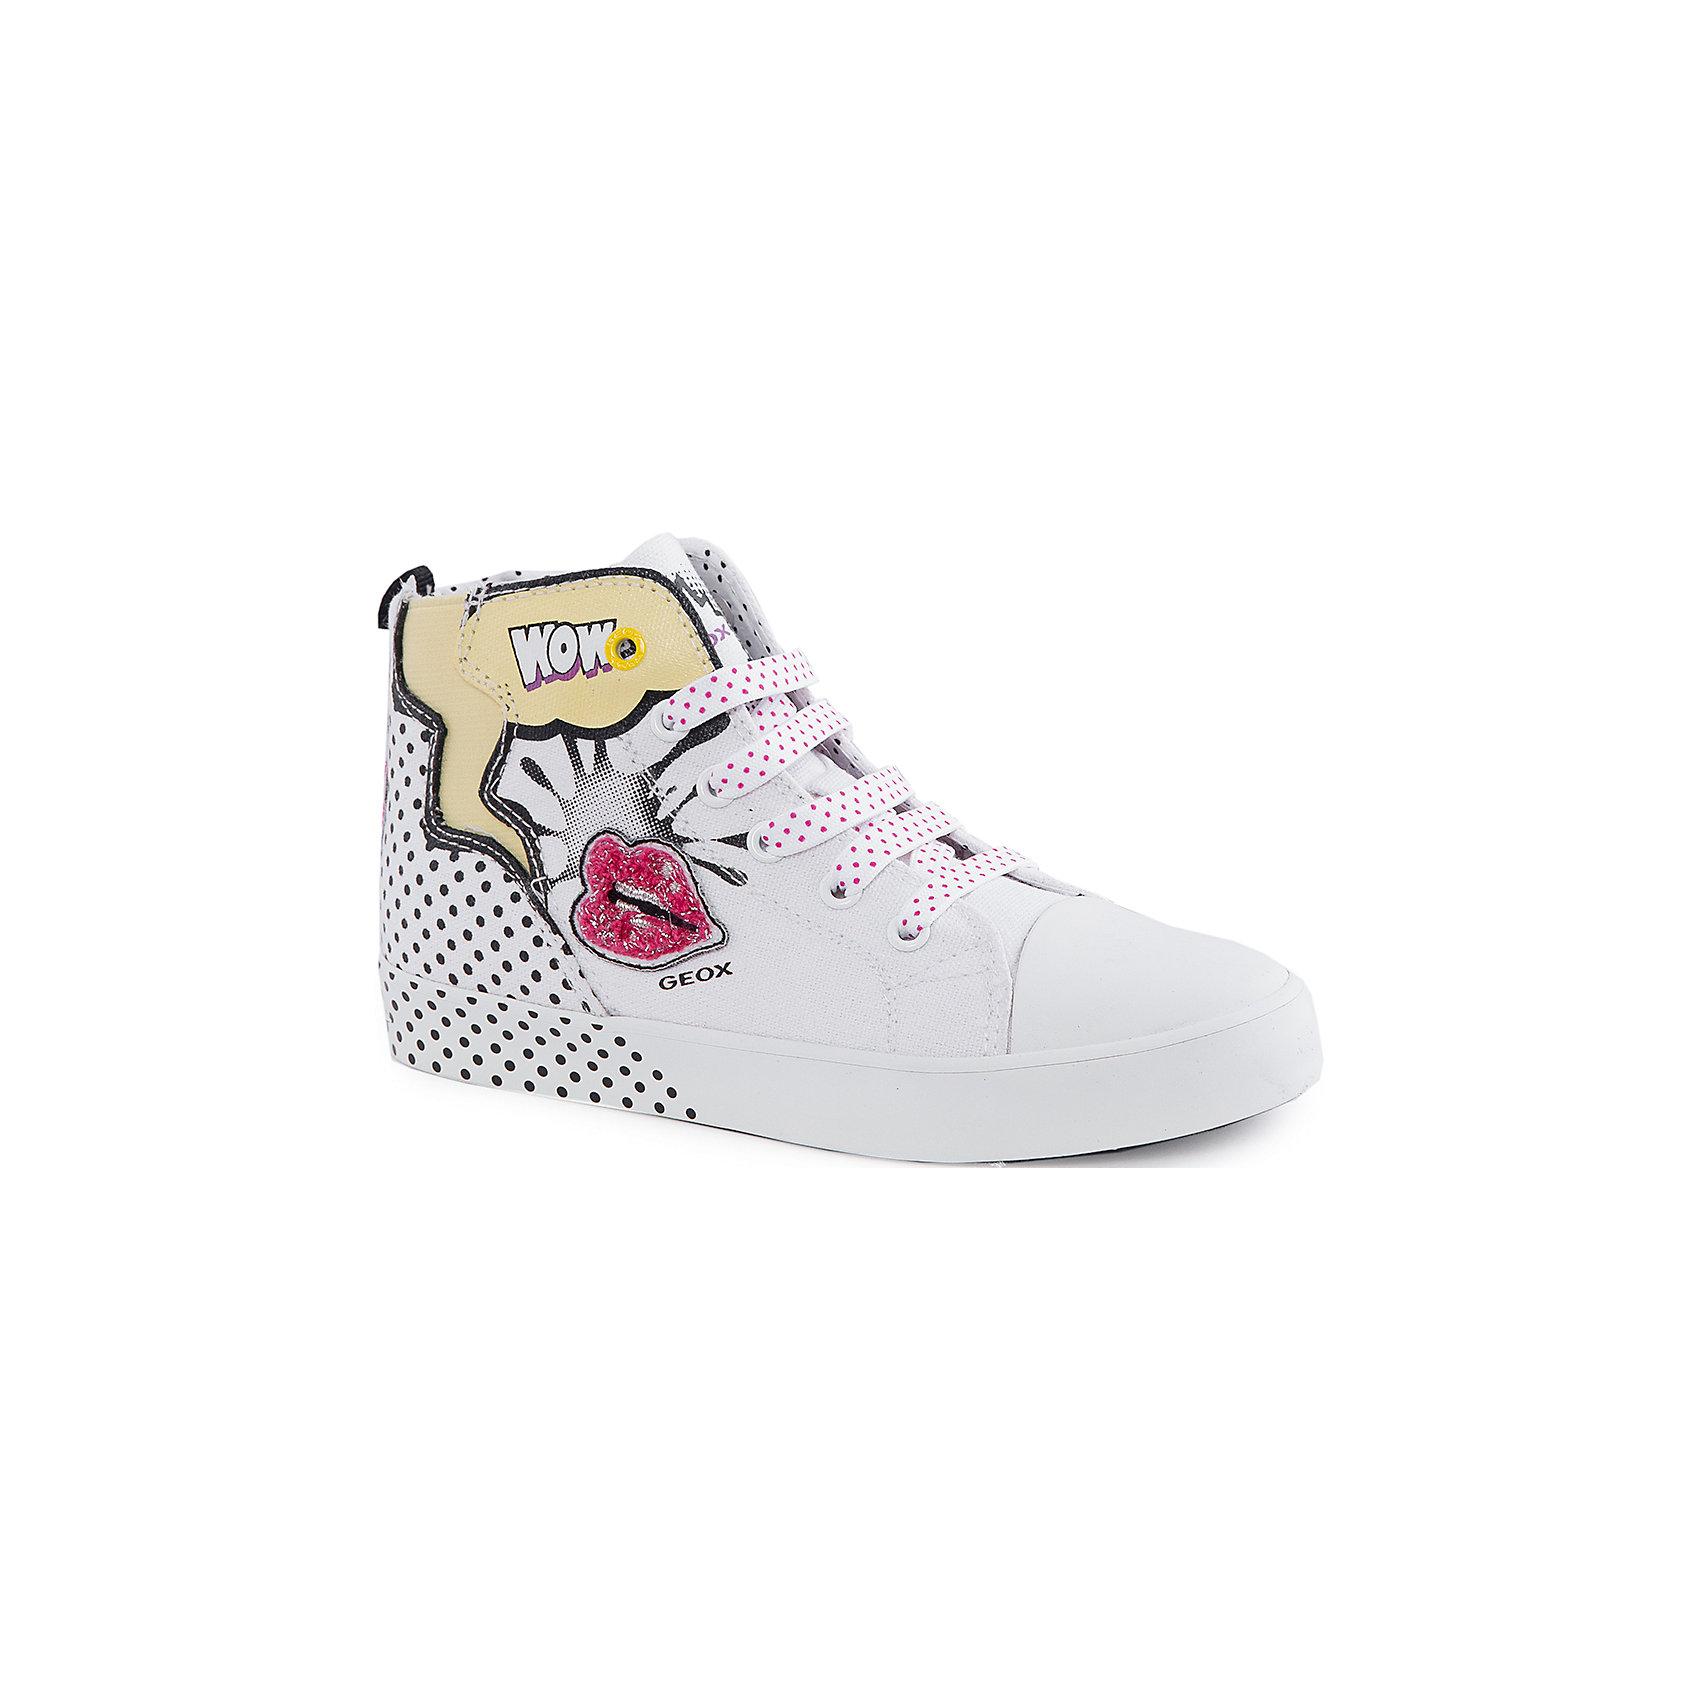 Кеды для девочки GeoxКеды<br>Кеды для девочки от популярной марки GEOX (Геокс).<br><br>Модные легкие Кеды - отличная обувь для нового весеннего сезона. Модель очень стильно и оригинально смотрится.<br>Производитель обуви заботится не только о внешнем виде, но и стабильно высоком качестве продукции. GEOX (Геокс) разработал специальную дышащую подошву, которая не пропускает влагу внутрь, а также высокотехнологичную стельку.<br><br>Отличительные особенности модели:<br><br>- цвет: белый;<br>- декорированы принтом и аппликацией;<br>- гибкая водоотталкивающая подошва с дышащей мембраной;<br>- мягкий и легкий верх;<br>- защита пальцев;<br>- стильный дизайн;<br>- удобная шнуровка и молния;<br>- комфортное облегание;<br>- верх обуви и подкладка сделаны без использования хрома.<br><br>Дополнительная информация:<br><br>- Температурный режим: от +10° С до 25° С.<br><br>- Состав:<br><br>материал верха: текстиль, синтетический материал<br>материал подкладки: текстиль<br>подошва: резина<br><br>Кеды для девочки GEOX (Геокс) (Геокс) можно купить в нашем магазине.<br><br>Ширина мм: 250<br>Глубина мм: 150<br>Высота мм: 150<br>Вес г: 250<br>Цвет: белый<br>Возраст от месяцев: 84<br>Возраст до месяцев: 96<br>Пол: Женский<br>Возраст: Детский<br>Размер: 31,28,34,36,35,33,32,30,29<br>SKU: 4519085